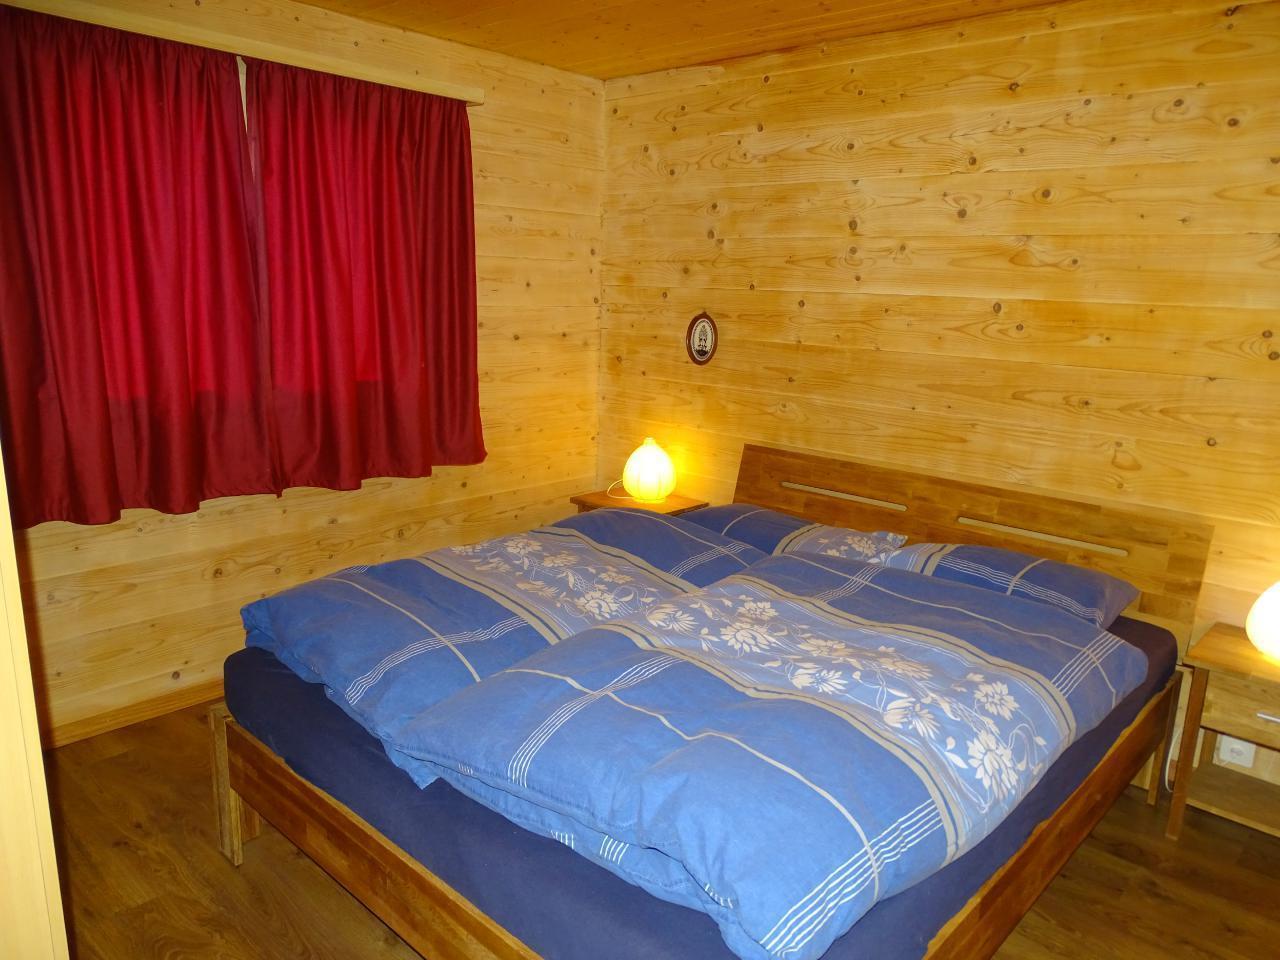 Appartement de vacances Chalet Stefanino, 3 1/2 Zimmer (487097), Bellwald, Aletsch - Conches, Valais, Suisse, image 5